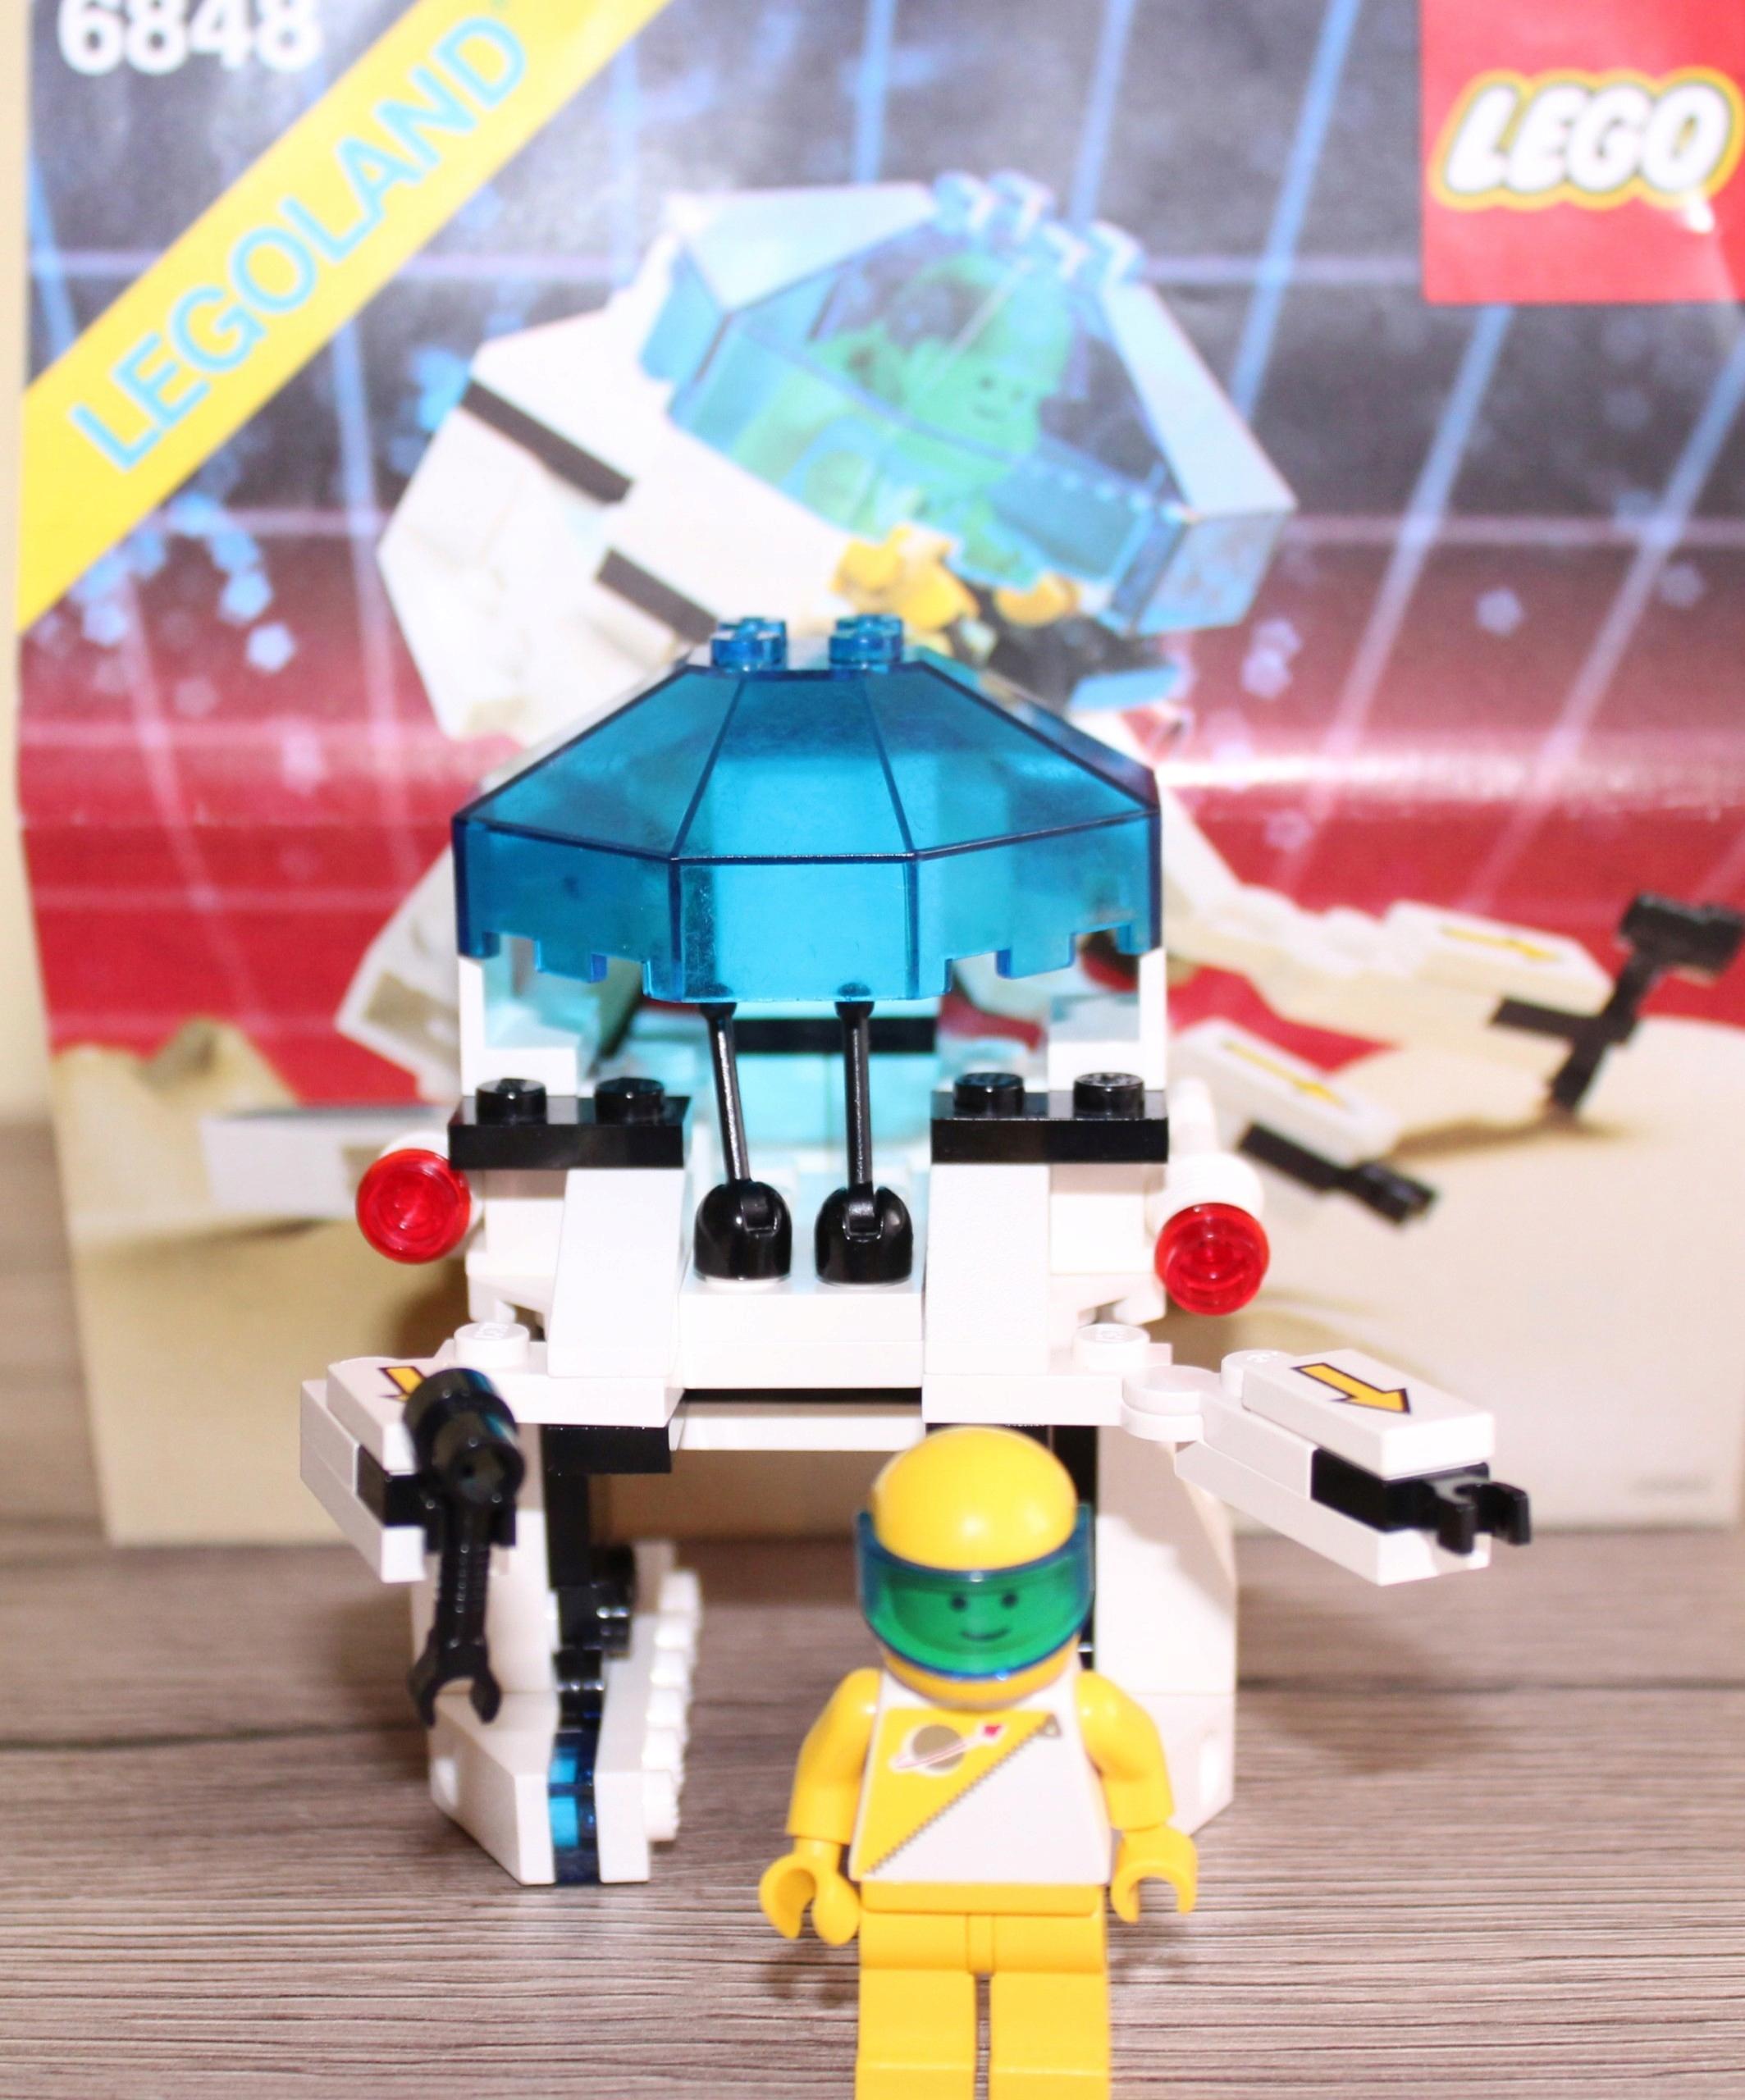 Lego 6848 2 Space Futuron Instrukcja 7434102332 Oficjalne